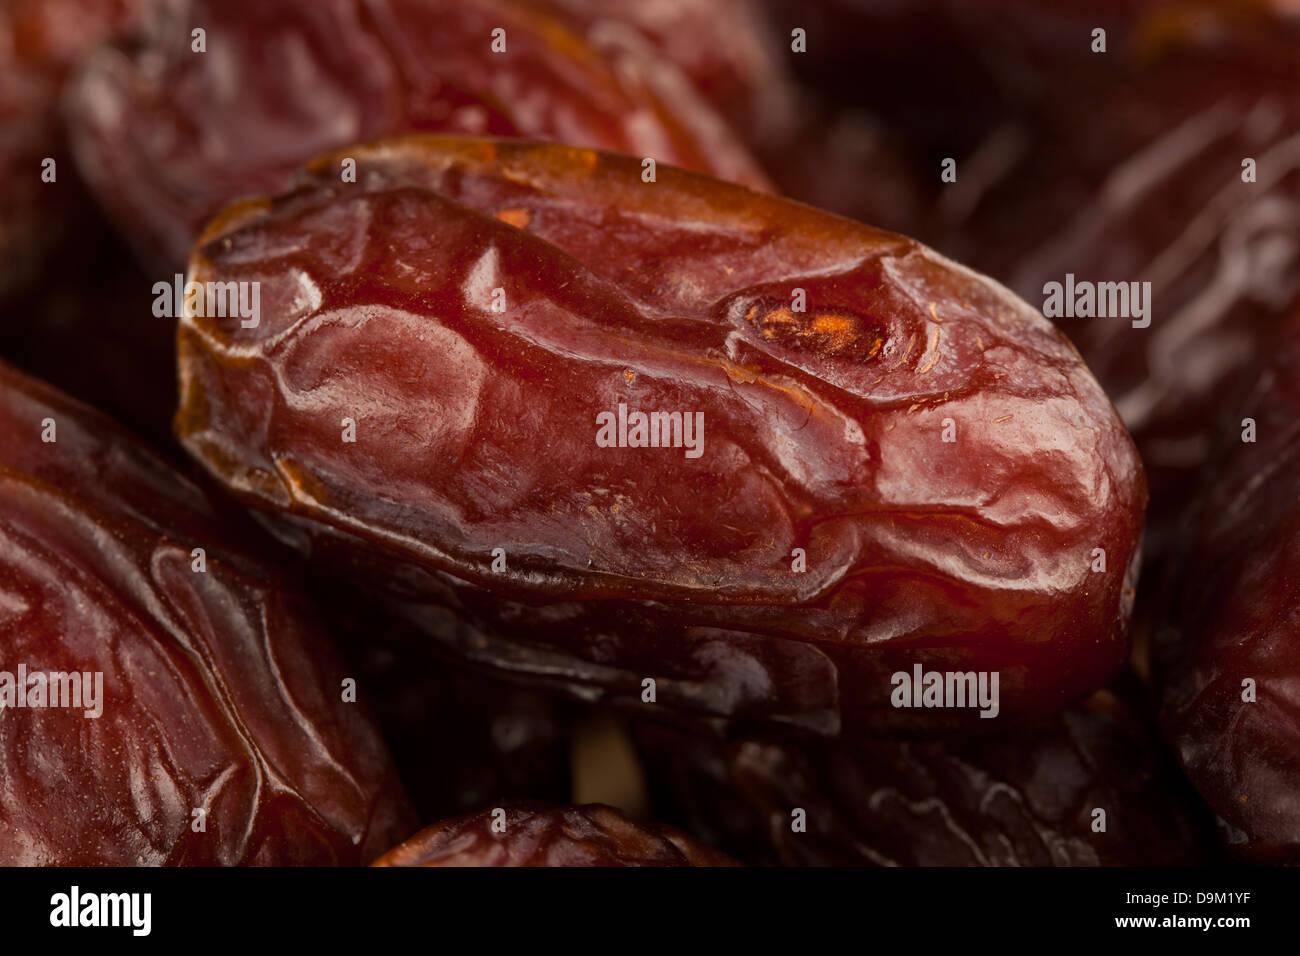 Frische Bio braun Datum Rohkost vor dem Hintergrund Stockbild